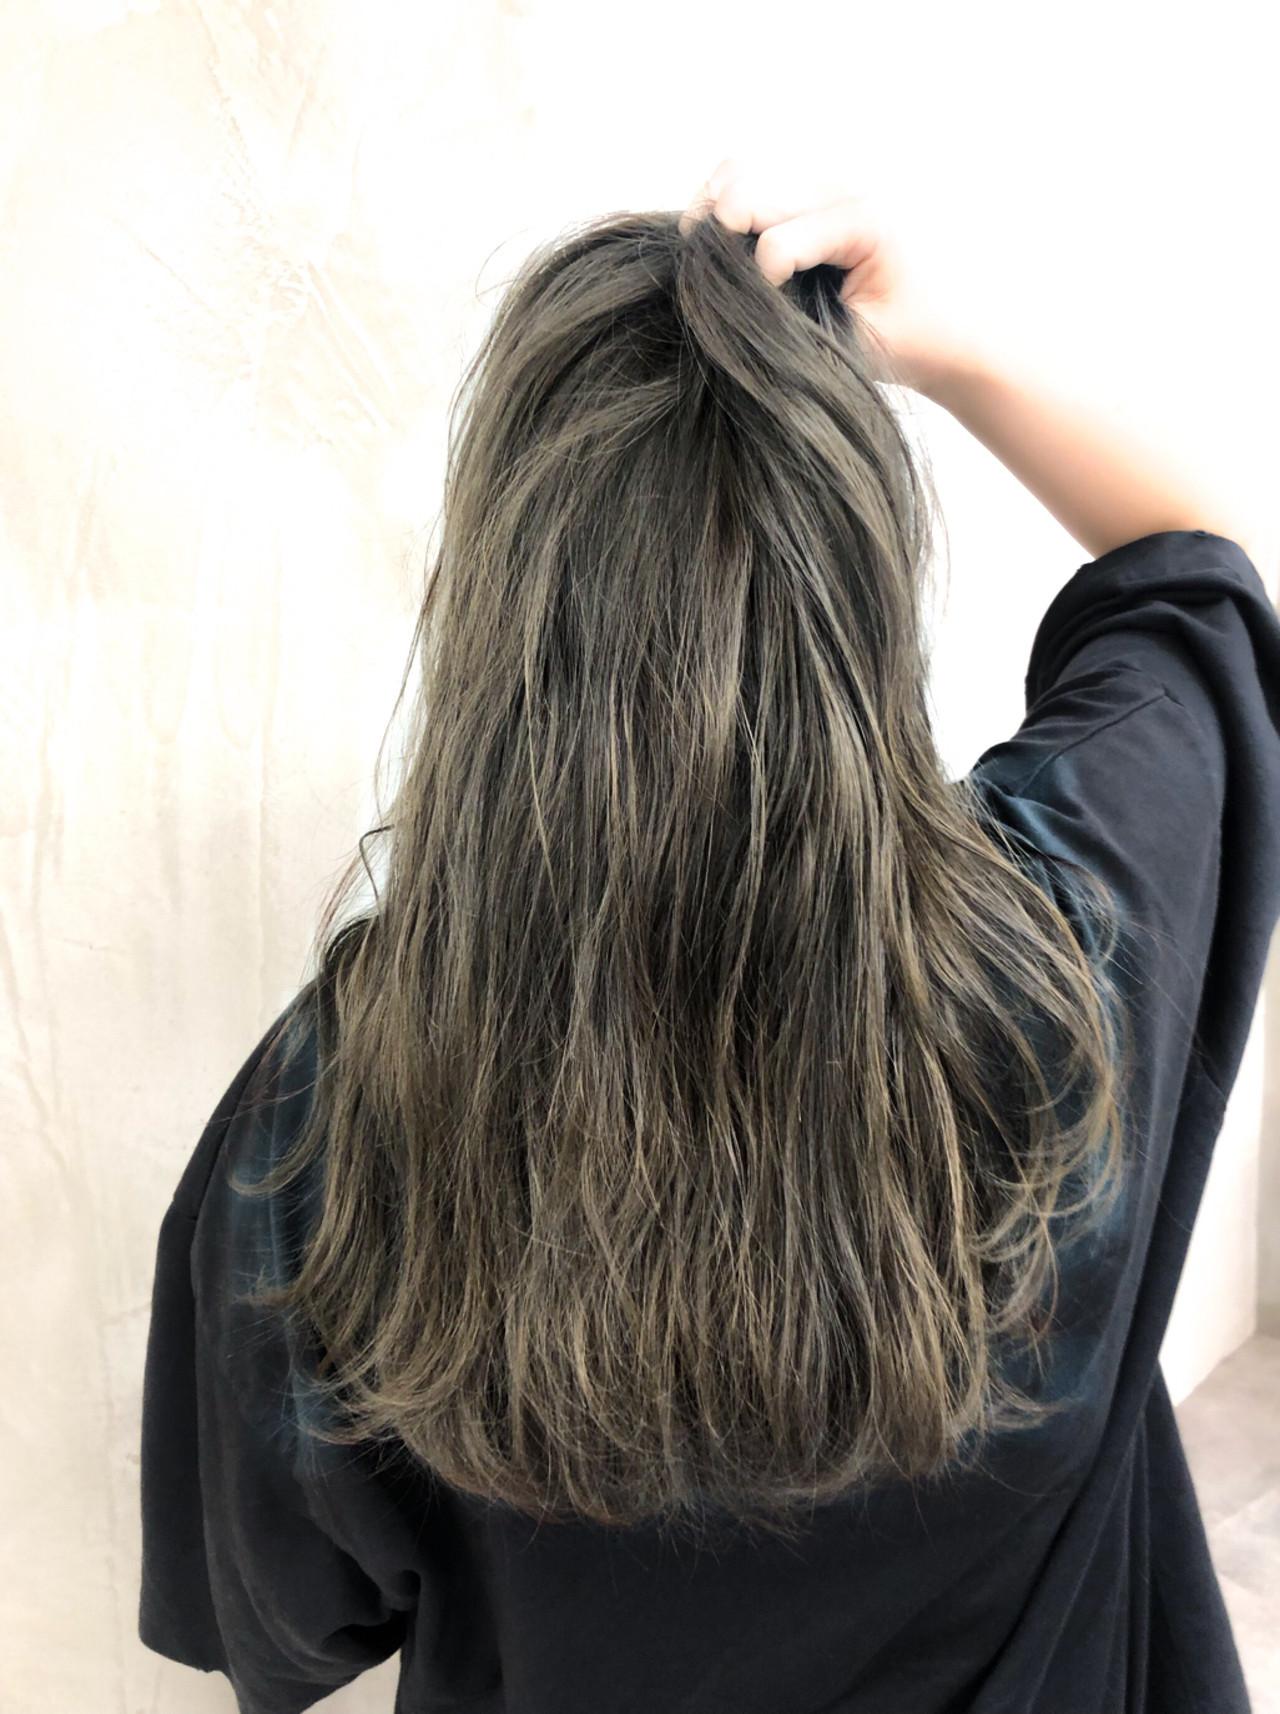 イルミナカラー ナチュラル ヘアアレンジ ロング ヘアスタイルや髪型の写真・画像 | 須貝 大空 / Anna Lanna 表参道